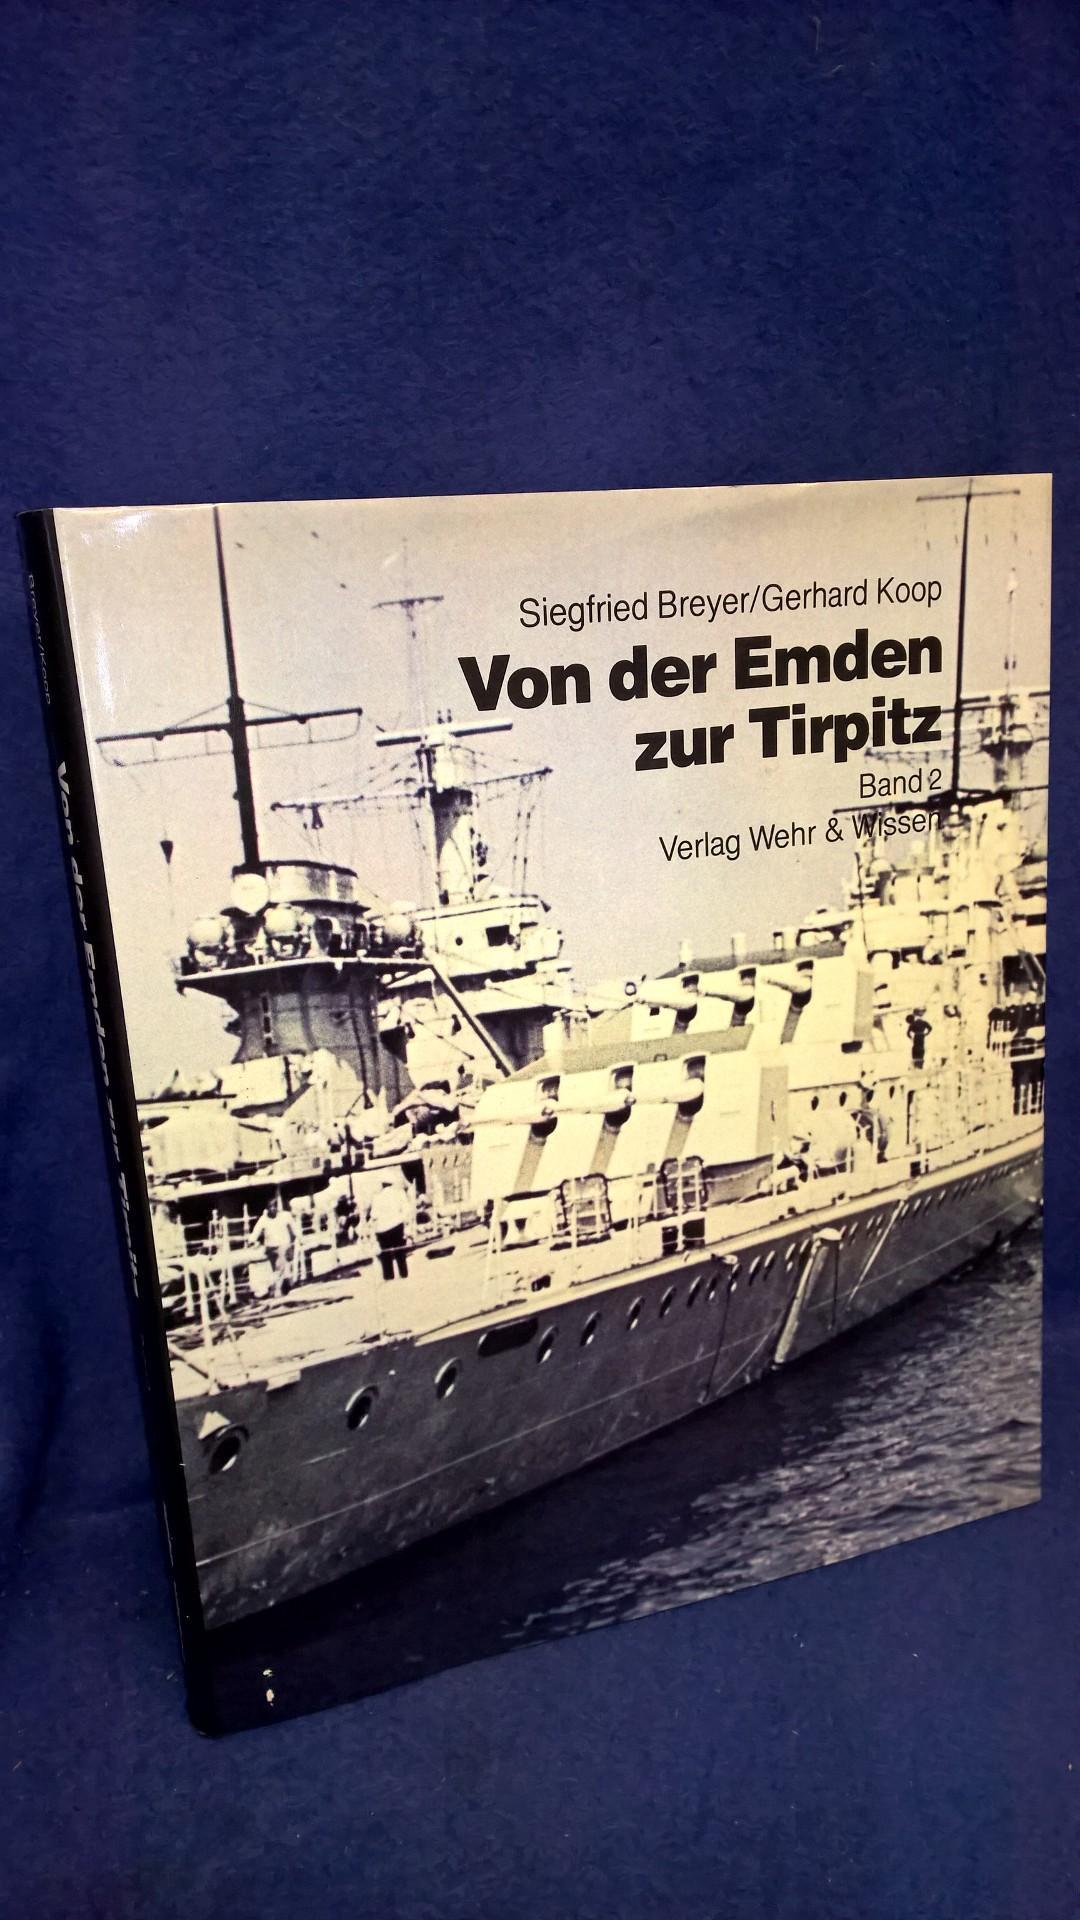 Von der Emden zur Tirpitz. Band 2: Kleine Kreuzer, Leichte Kreuzer, Schwere Kreuzer und Spähkreuzer